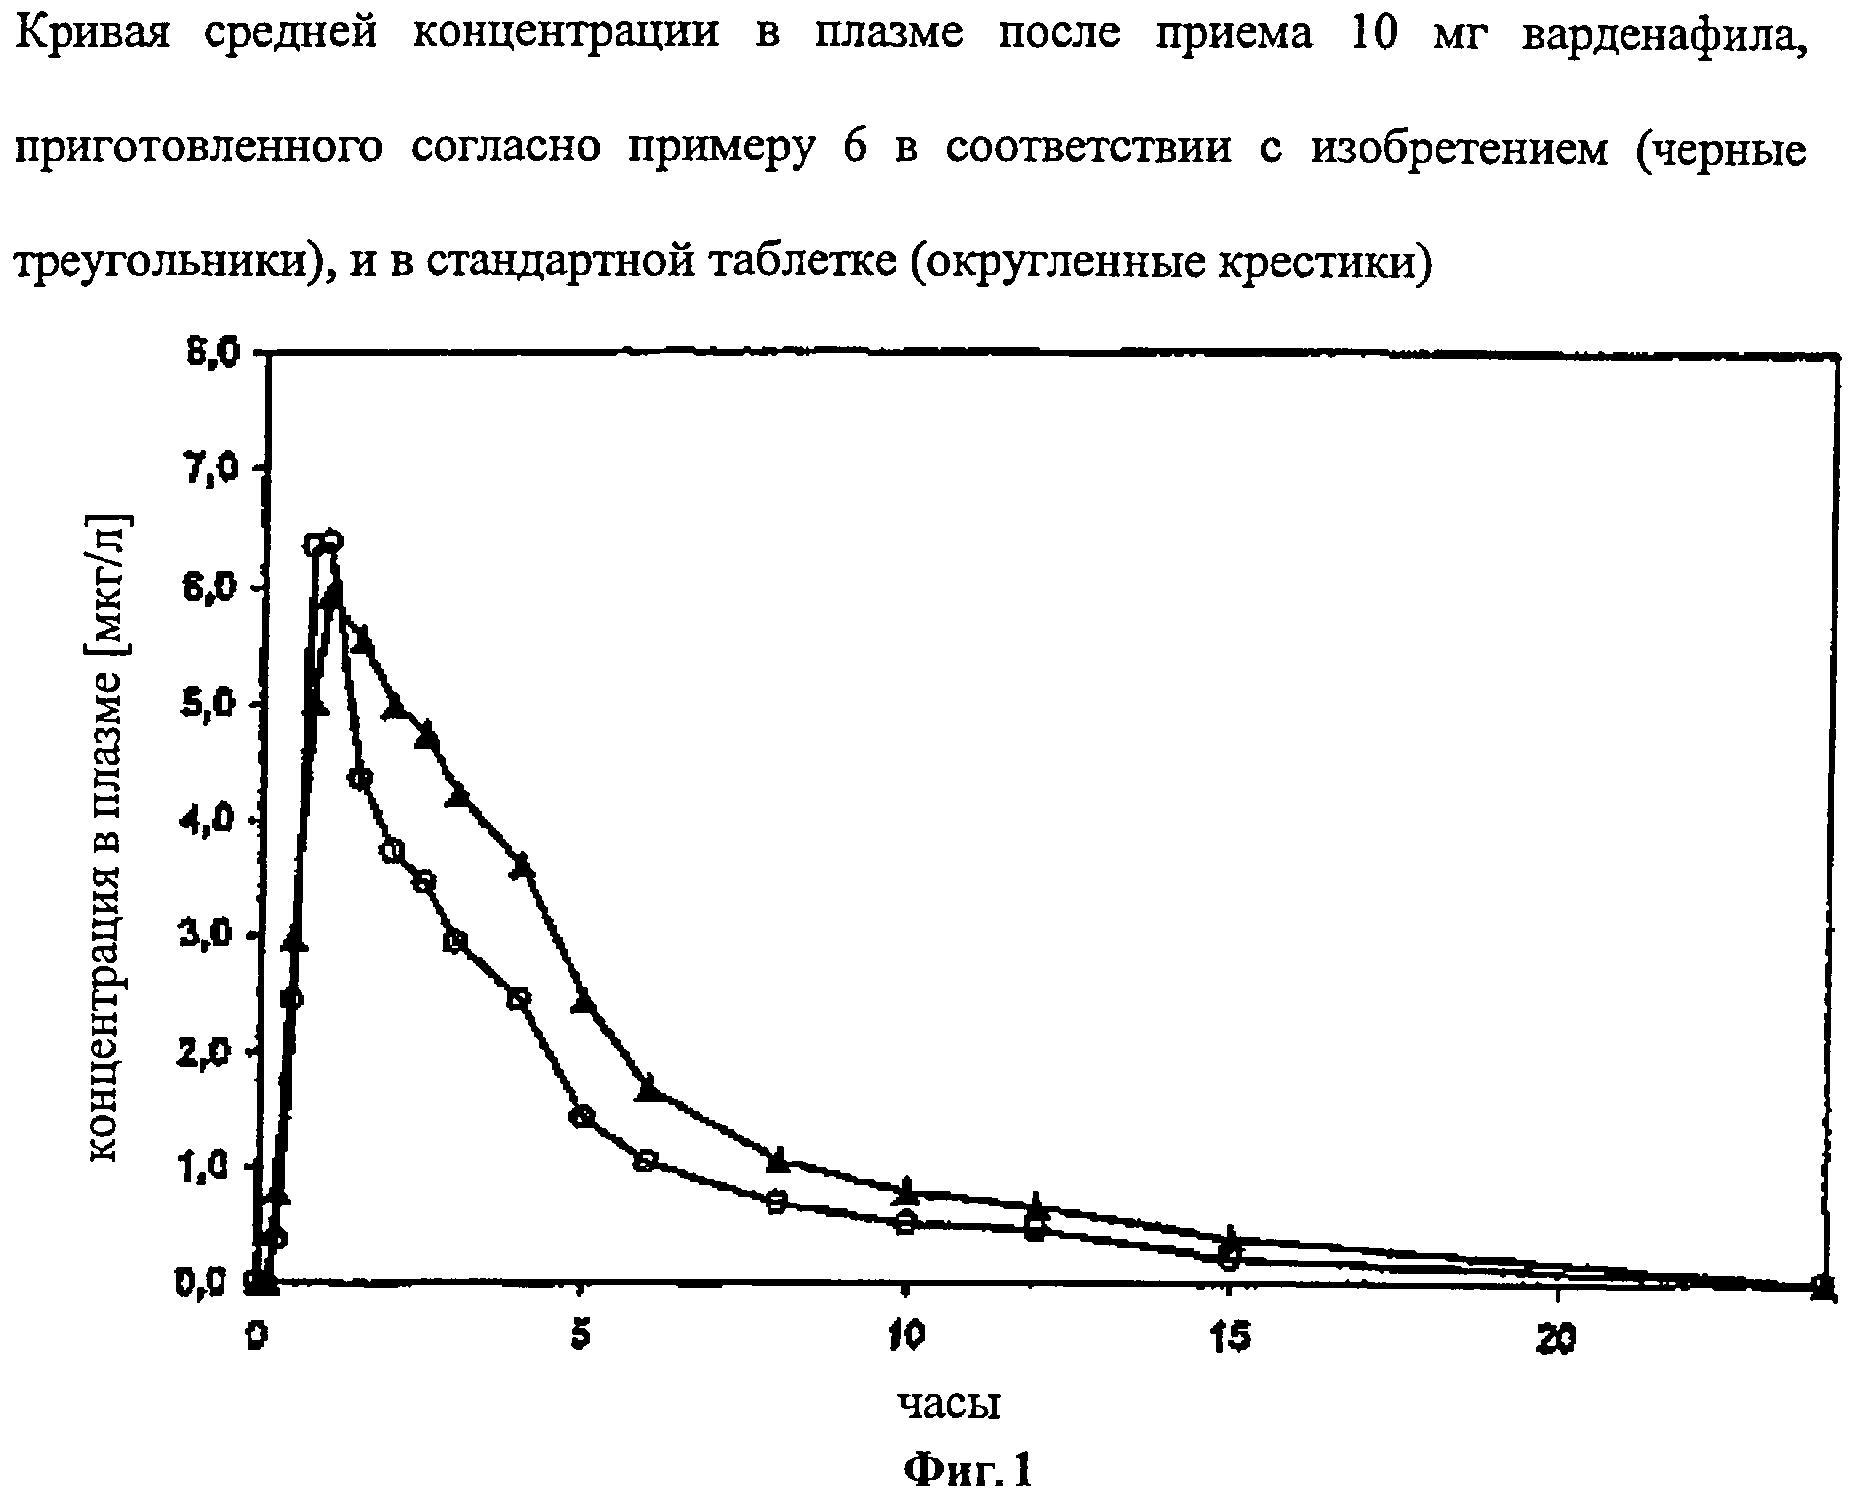 Лекарственные формы с улучшенными фармакокинетическими свойствами